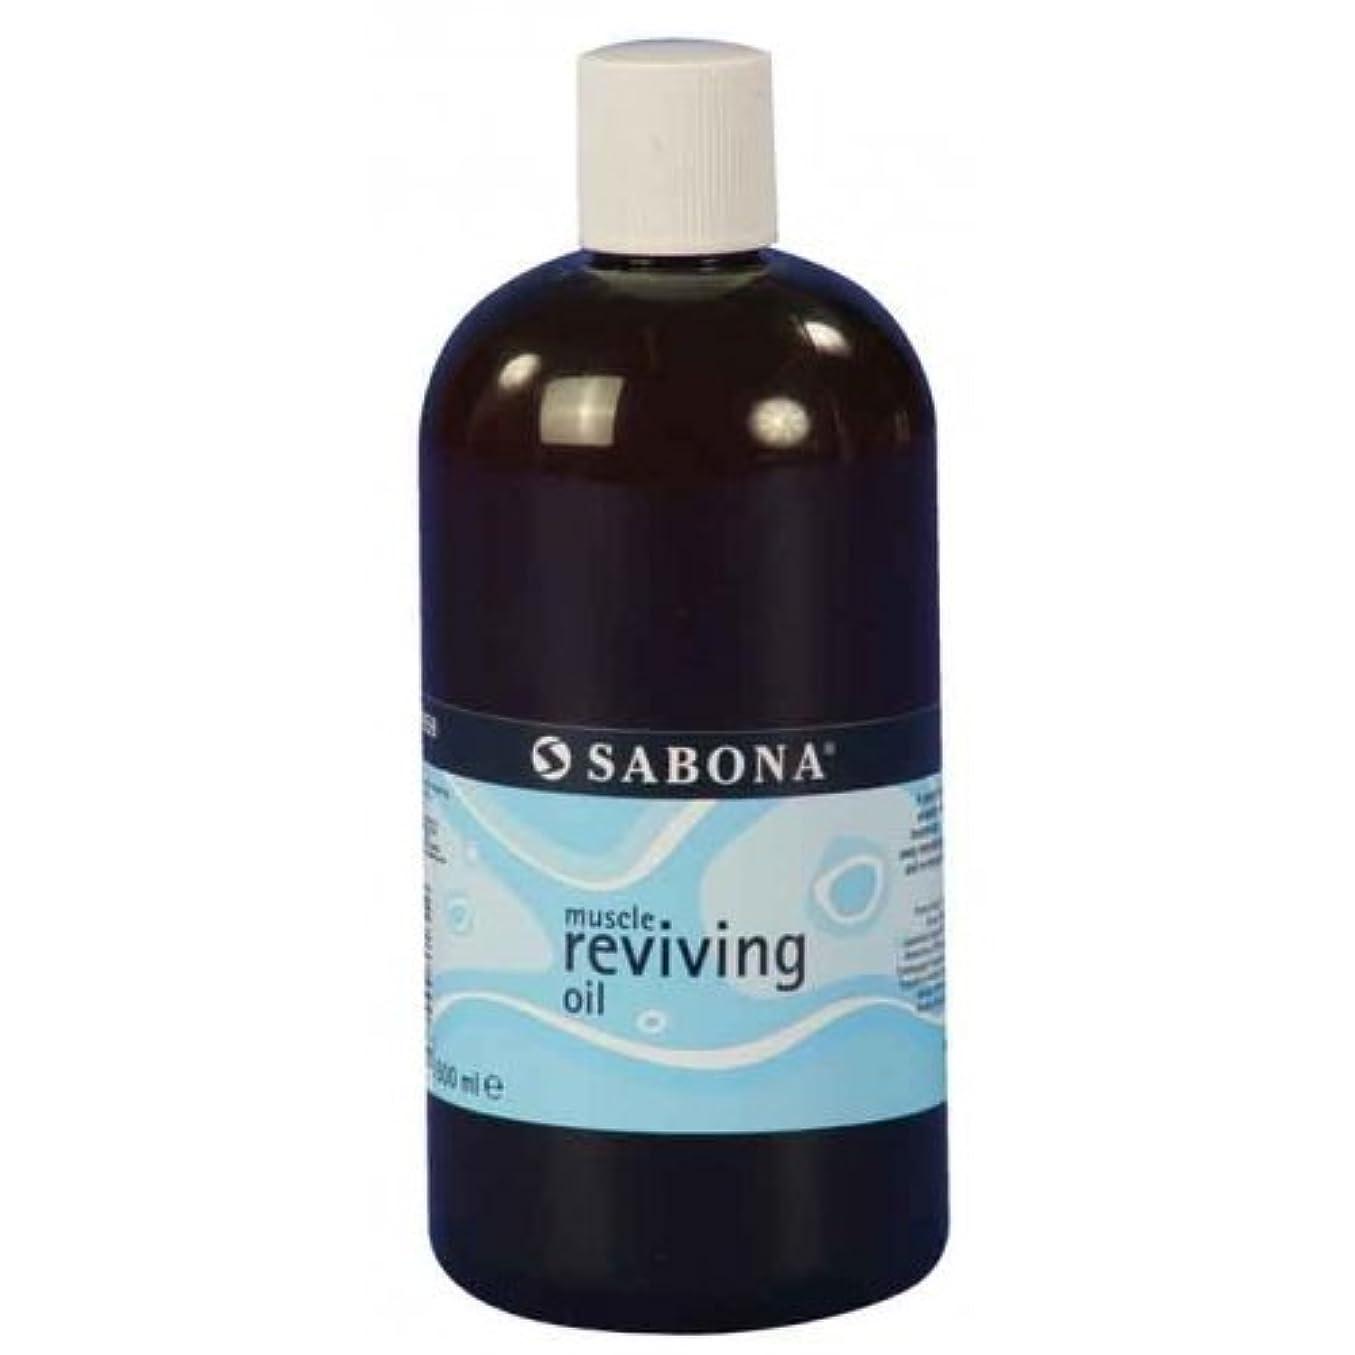 理想的には弁護人市区町村SABONA MUSCLE REVIVING OIL. 100ml. by Sabona